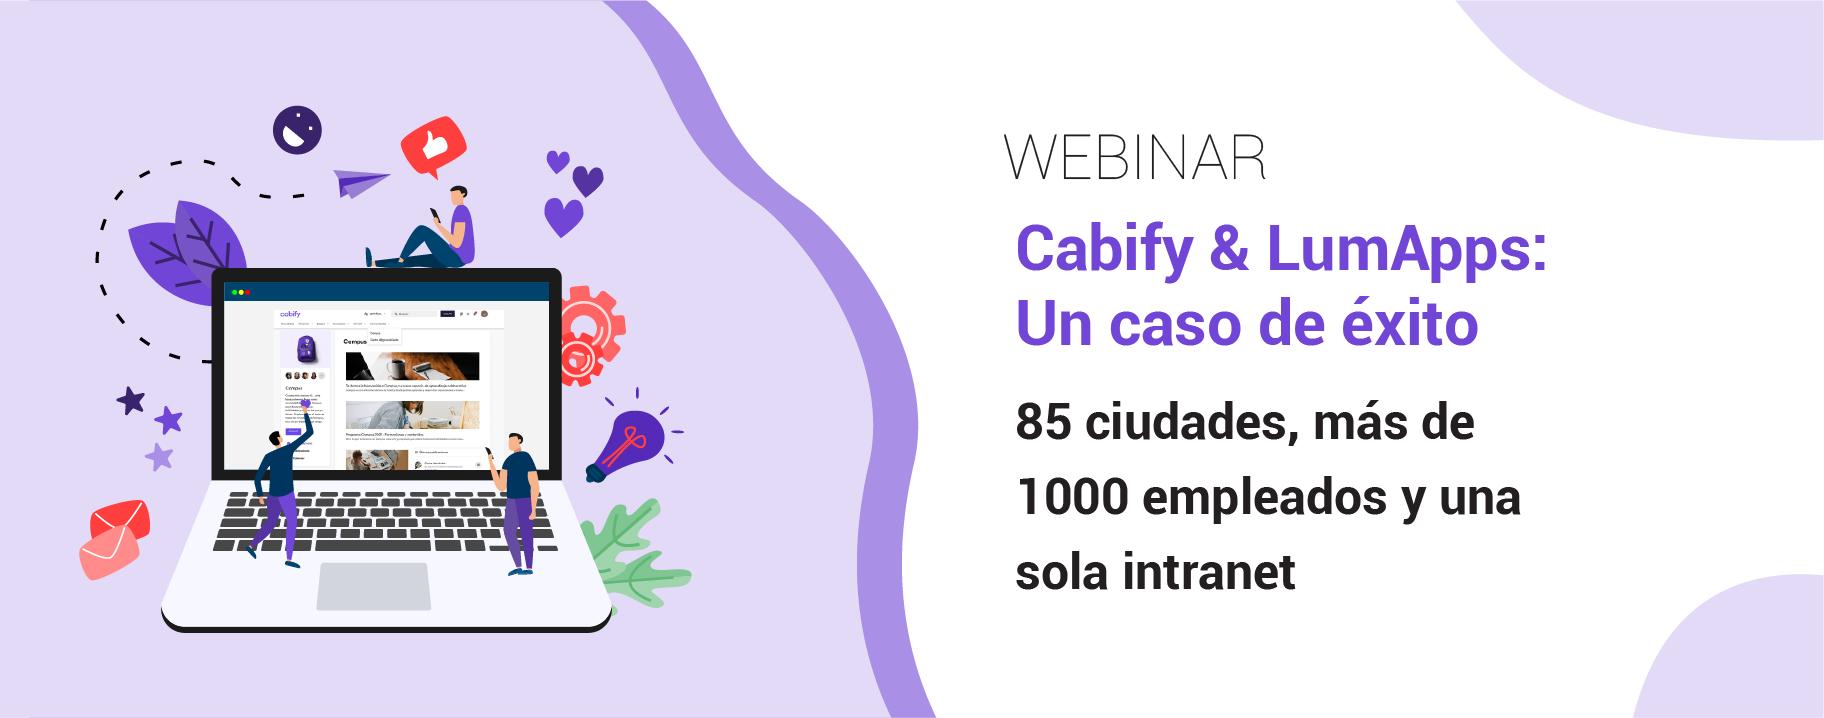 Cabify & LumApps: Un caso de éxito